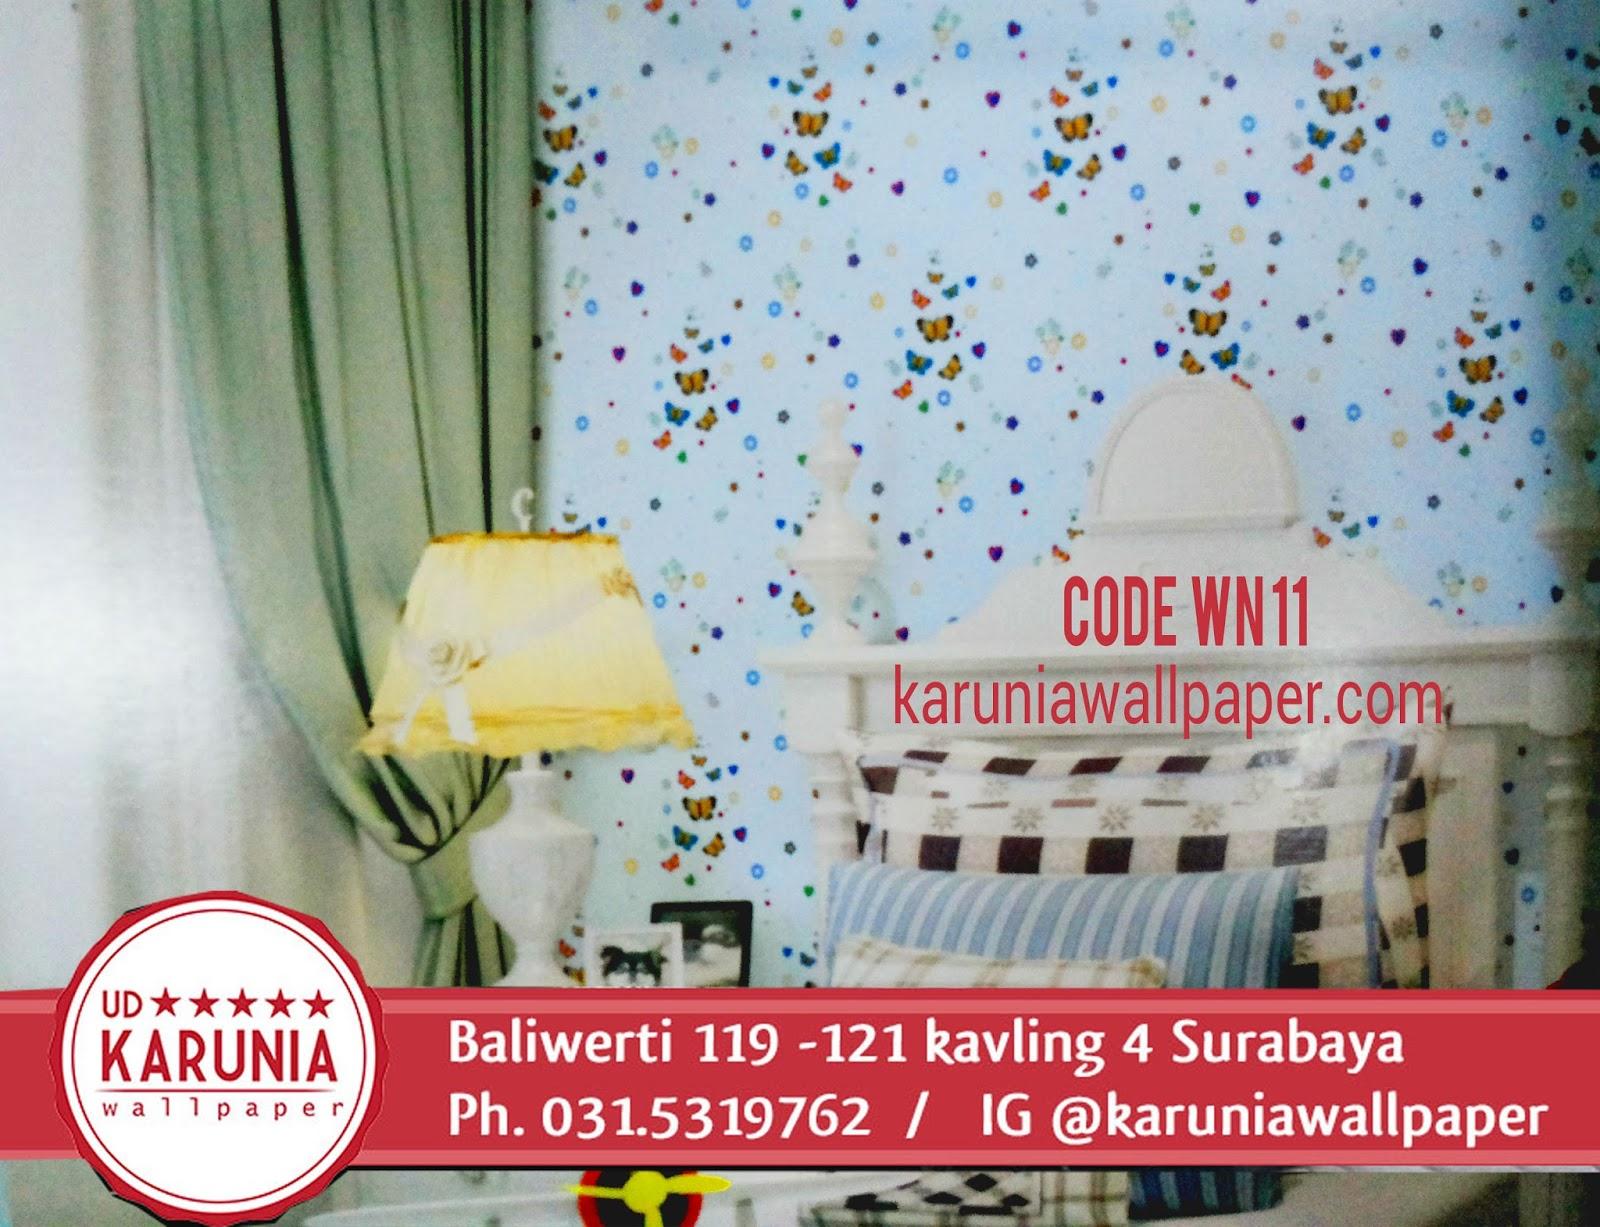 jual wallpaper dinding warna biru karuniawallpaper